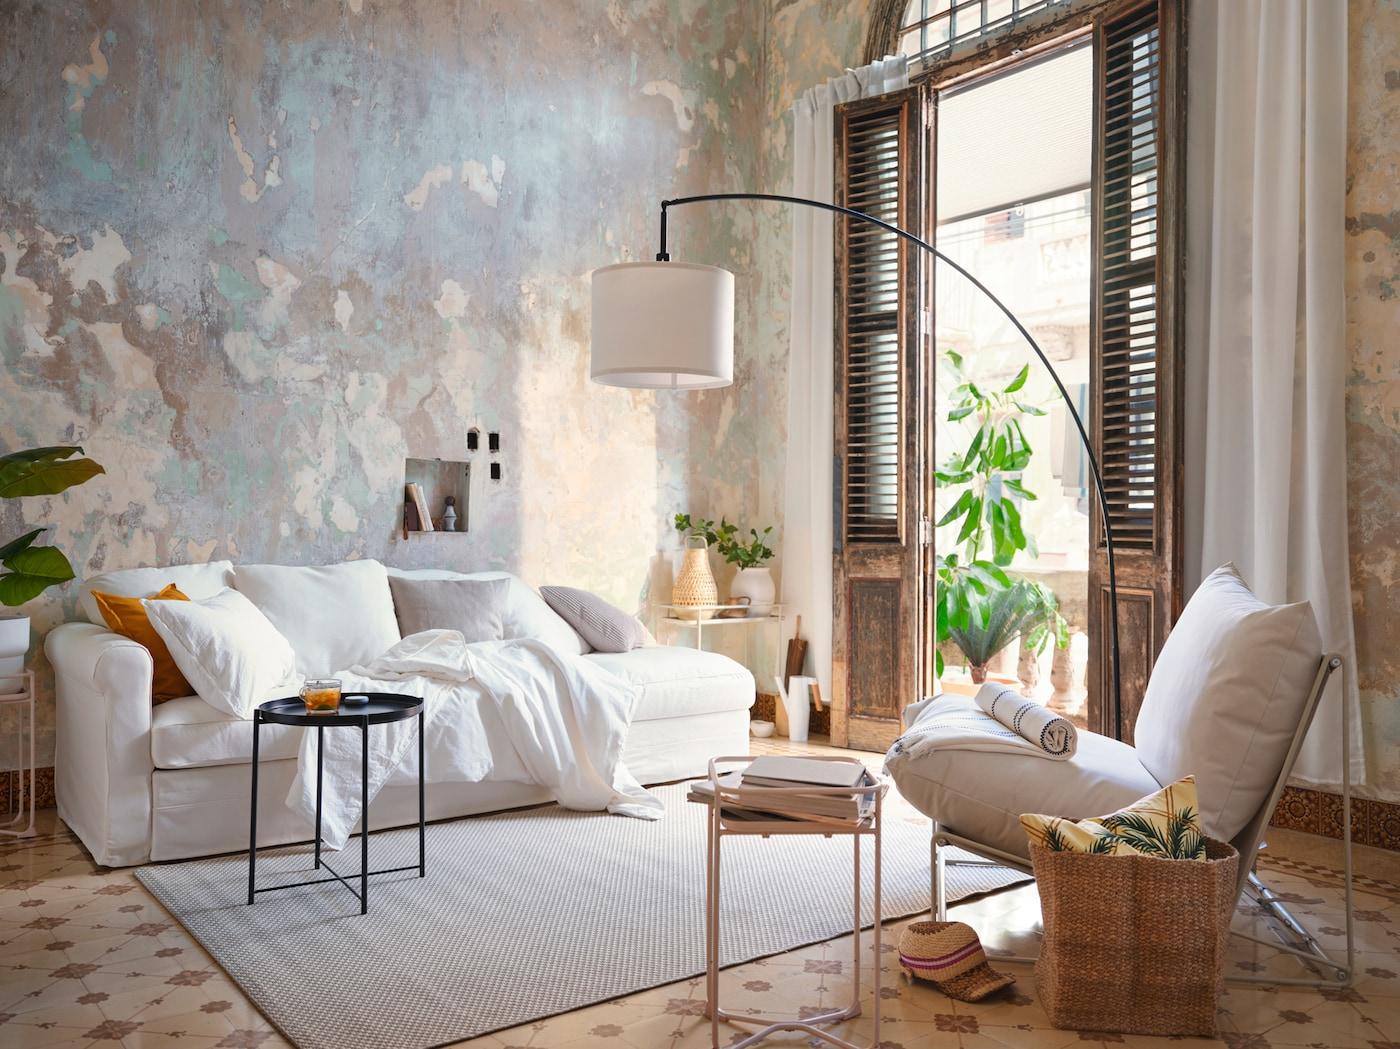 Divano bianco in un ambiente nei toni del grigio-beige con vari cuscini, un tavolino nero e una poltrona bianca - IKEA